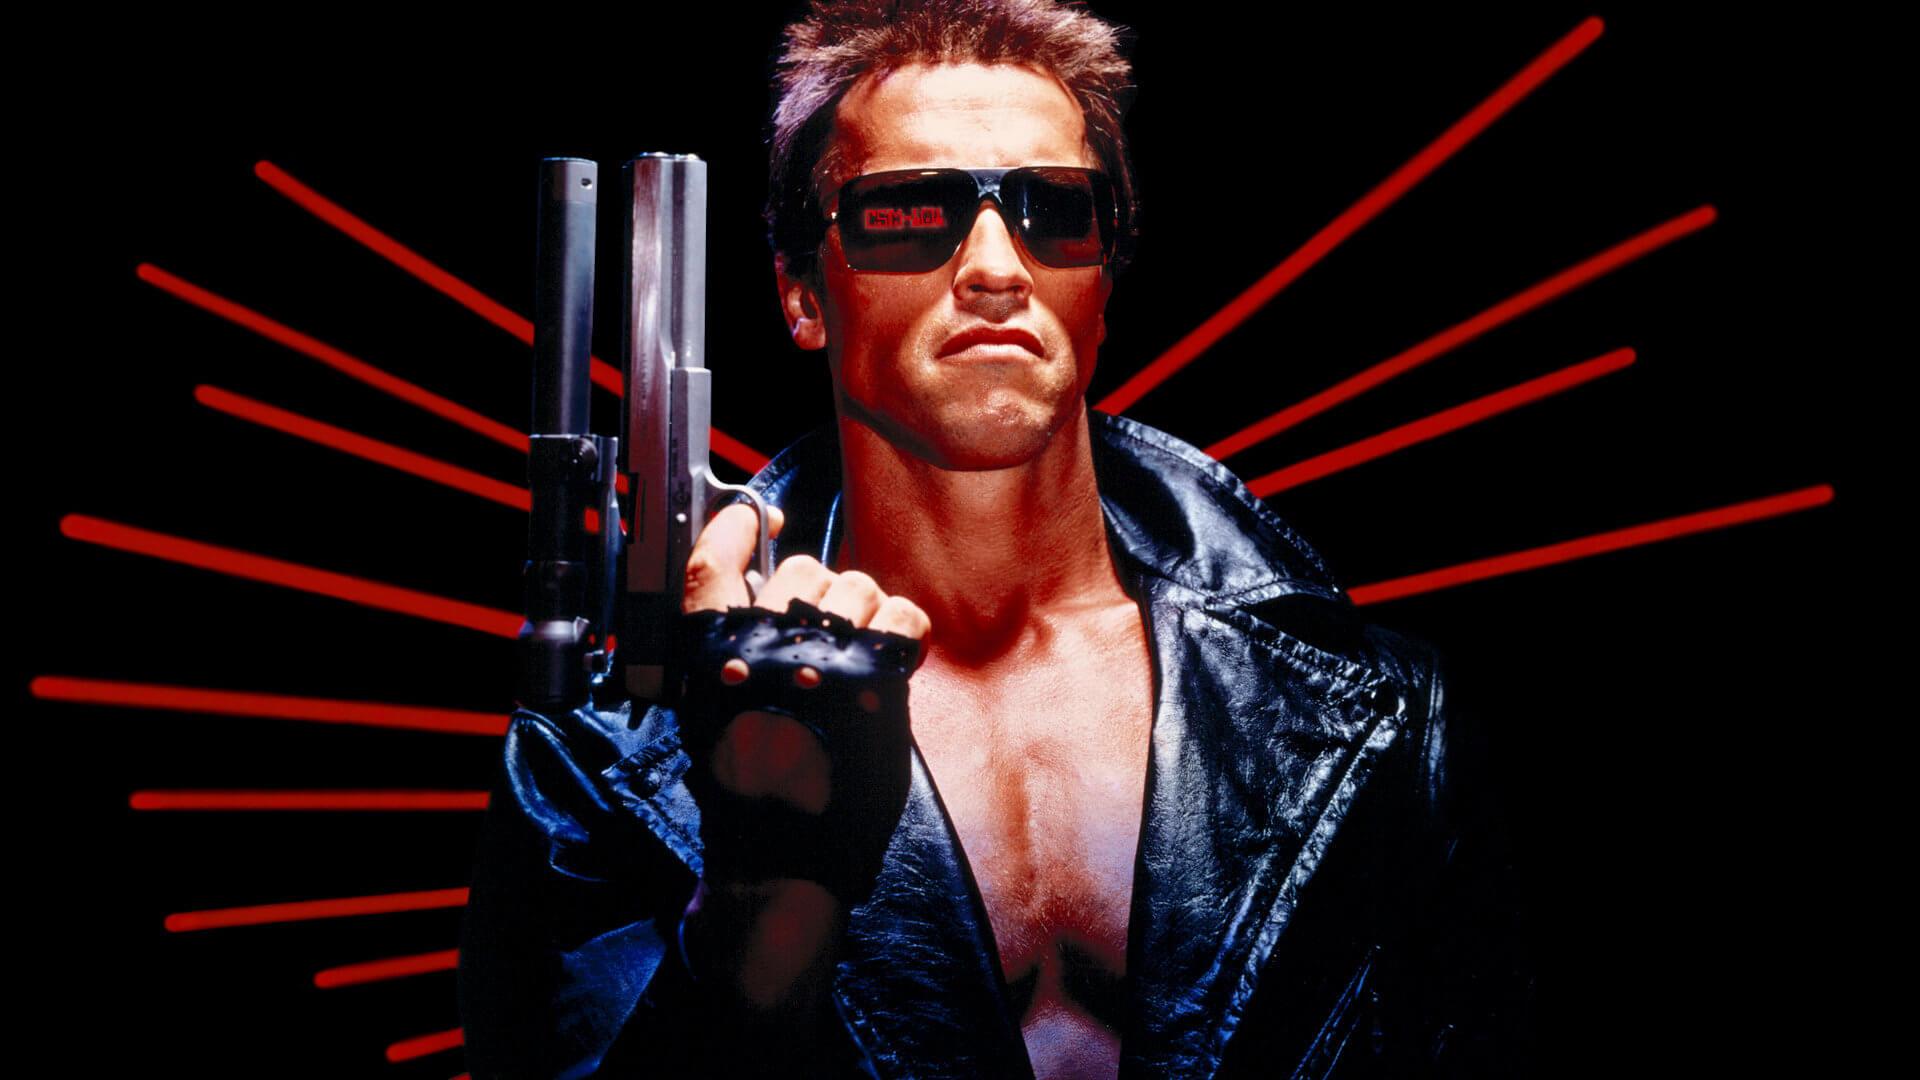 Personajes de ficción: Terminator